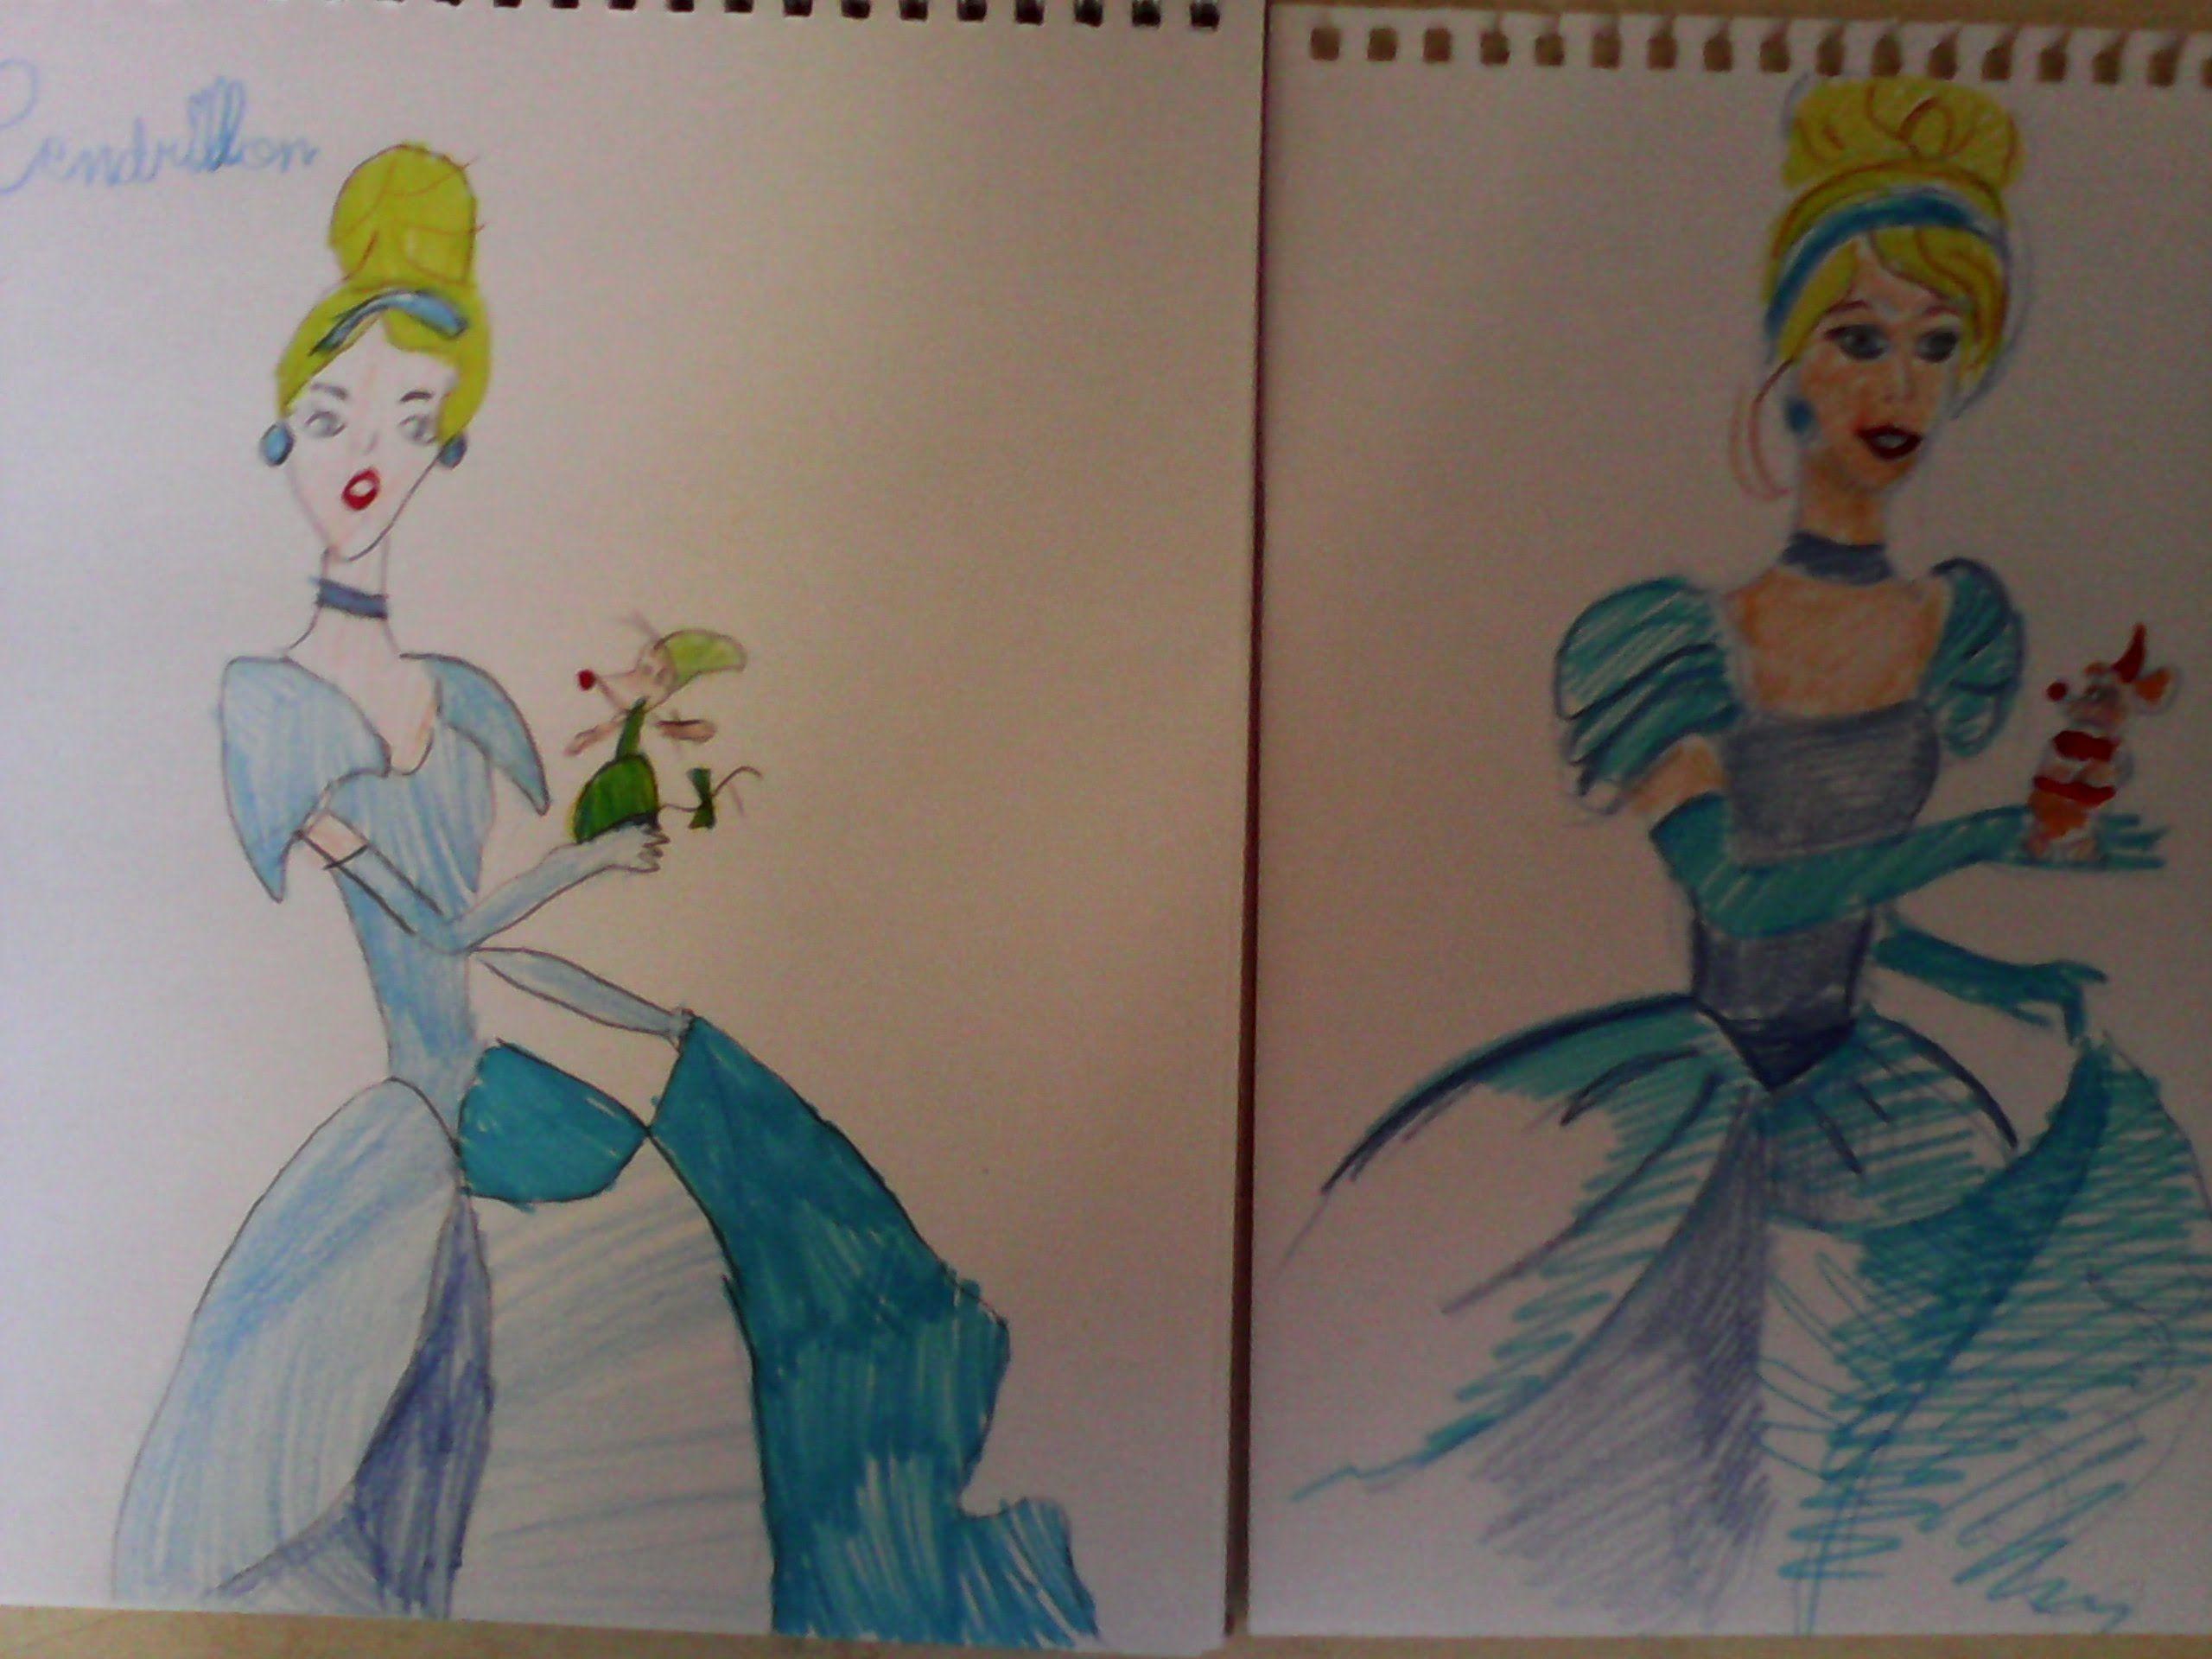 Dessiner princesse cendrillon enfants cinderella disney characters princess - Dessiner princesse disney ...